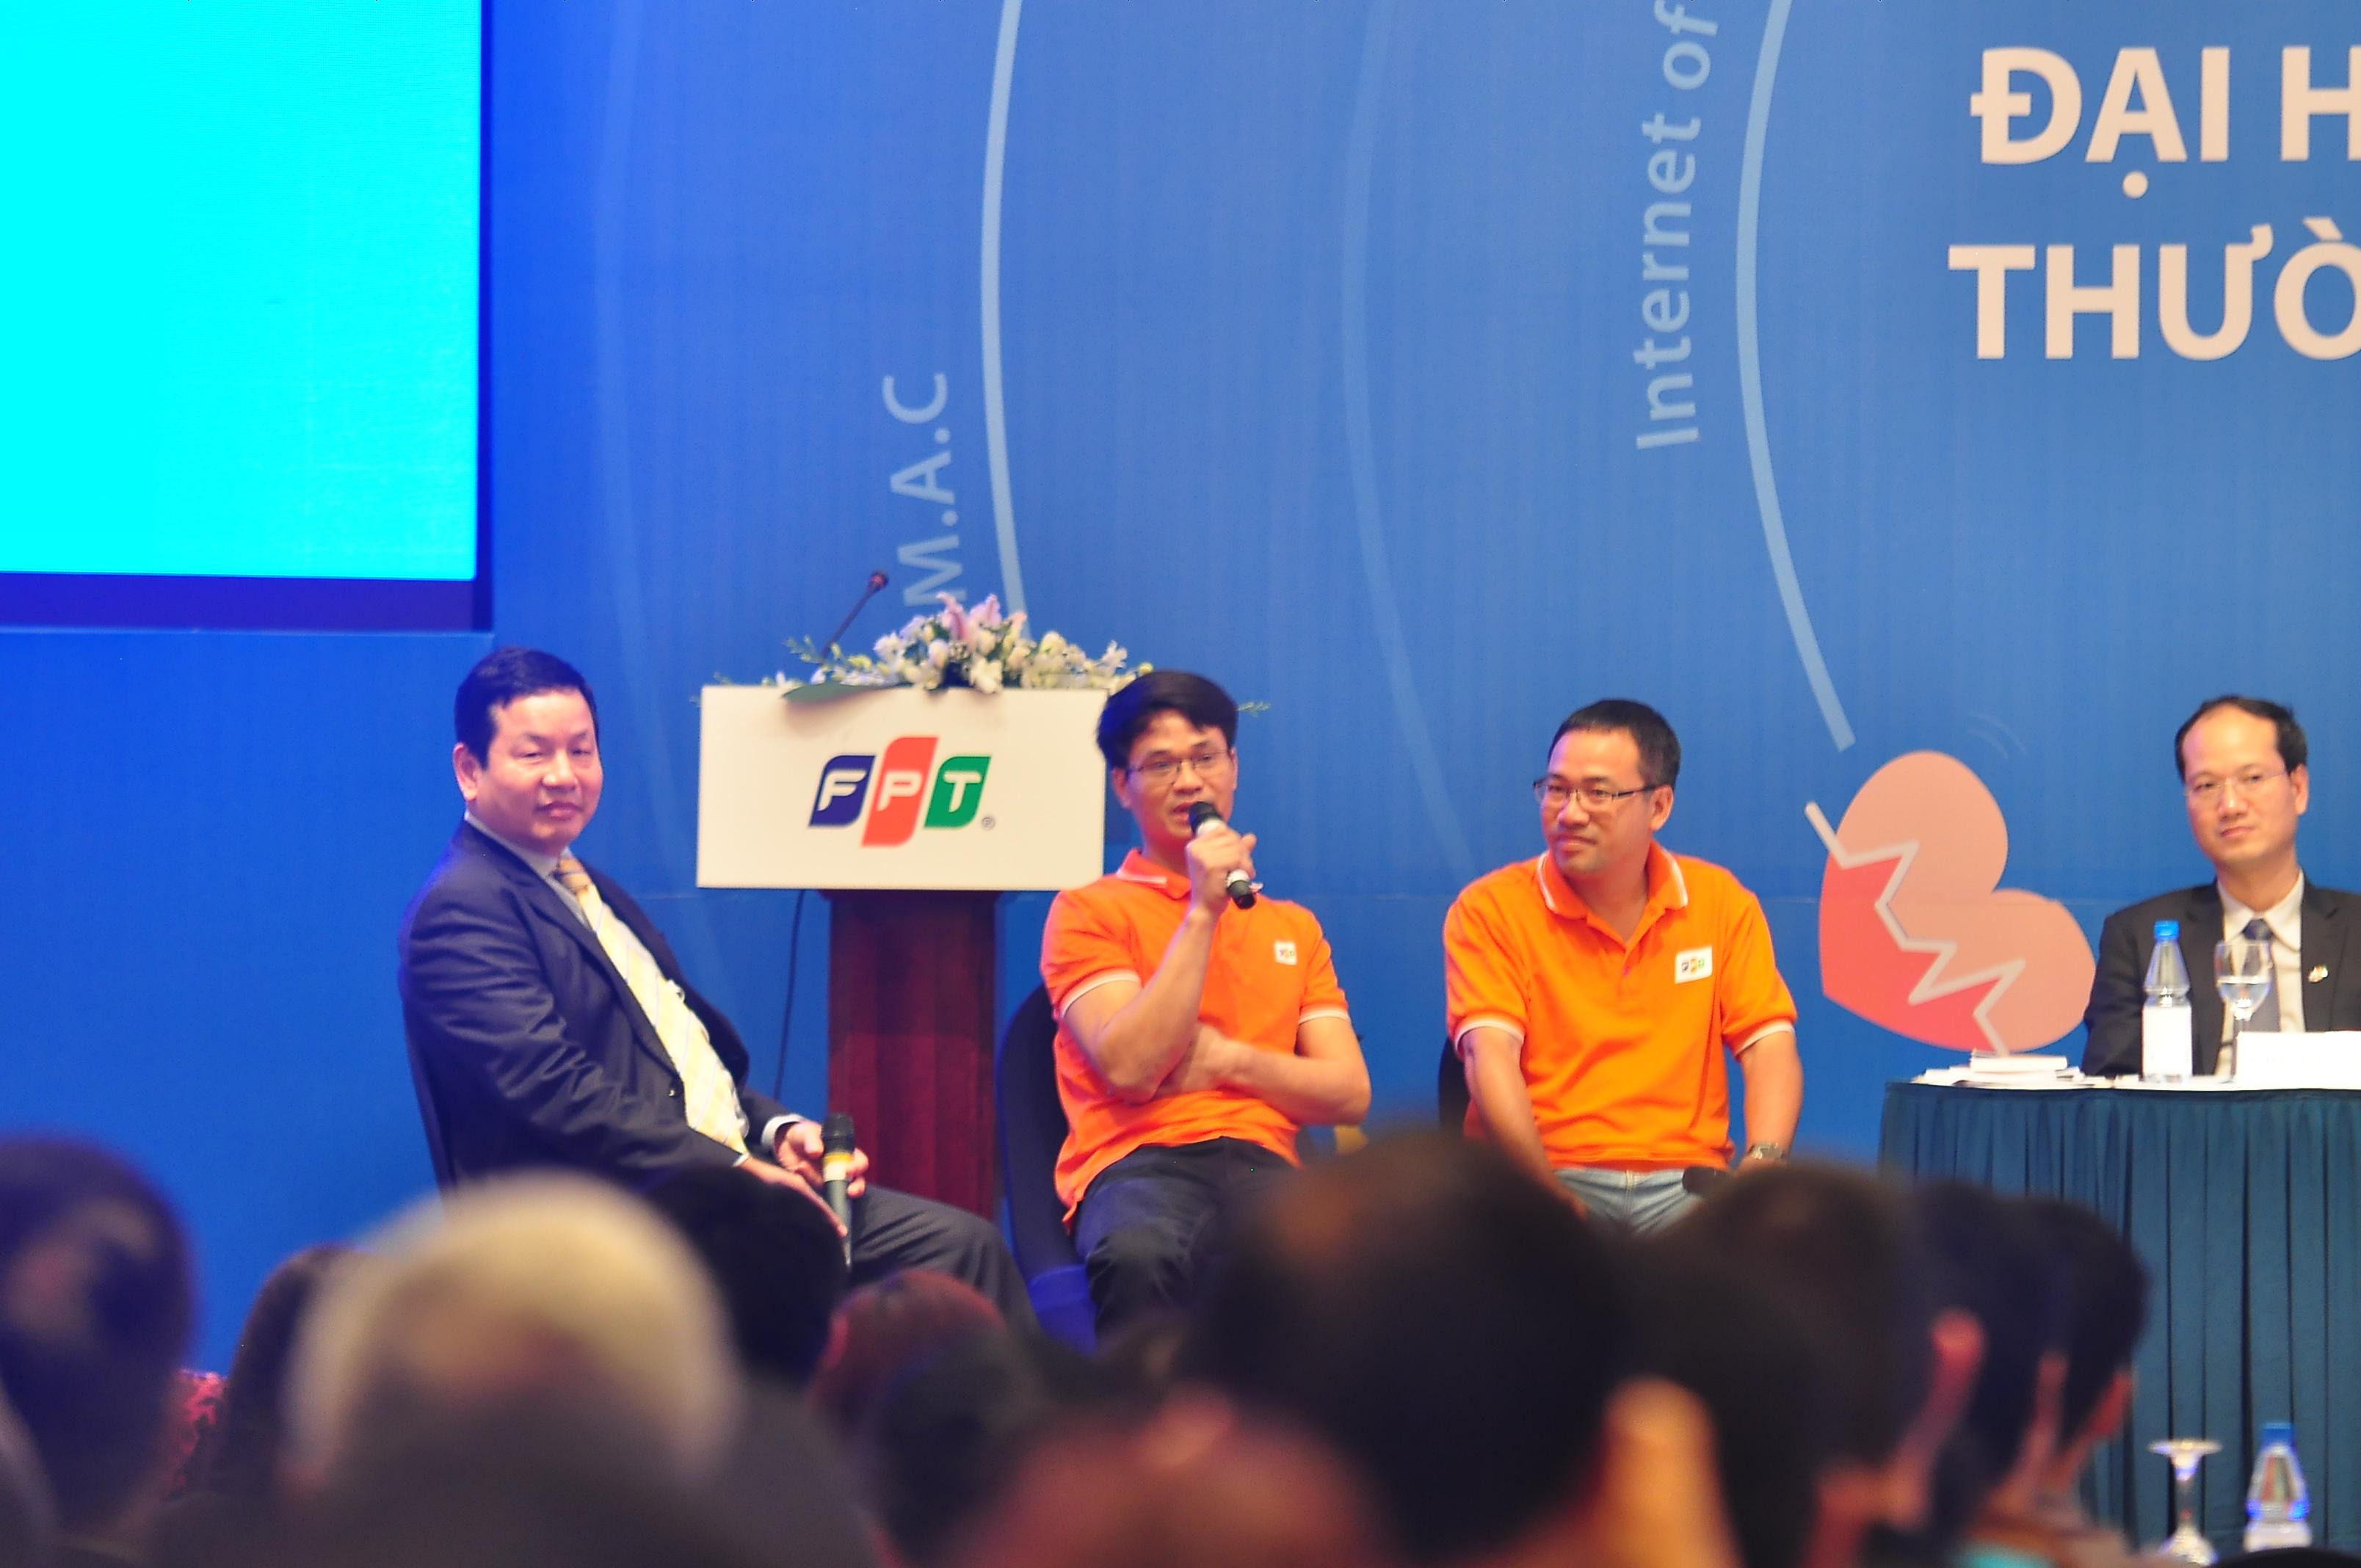 Lần đầu tiên, các chuyên gia công nghệ FPT, gồm anh Lê Hồng Việt (Giám đốc Công nghệ FPT), Đỗ Xuân Trường (FPT Software), Nguyễn Toàn Thắng (FPT IS), Đinh Lê Đạt (GĐ ANTS) và Nguyễn Minh Đức (Trưởng nhóm Bảo mật, Ban Công nghệ FPT) đã chia sẻ với cổ đông FPT về niềm đam mê công nghệ và những giải pháp, ứng dụng mà tập đoàn mang tới người dùng. Theo các chuyên gia, trong 3 năm tới,công nghệ sẽ ứng dụng vào đời sống, sản xuất, kinh doanh một cách triệt để.